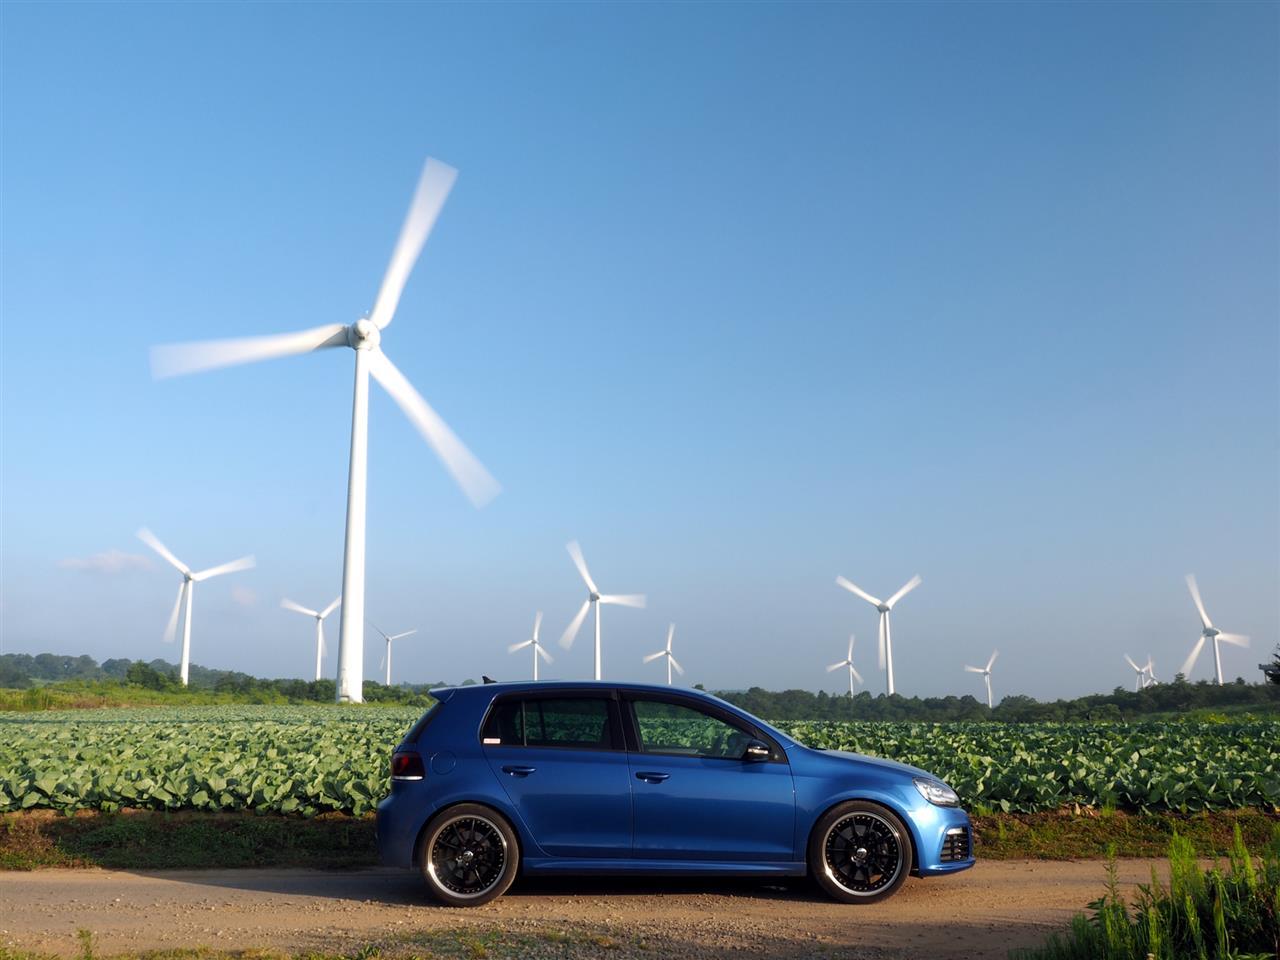 ゴルフR ゴルフ 青い車 布引高原 風車 impactblue